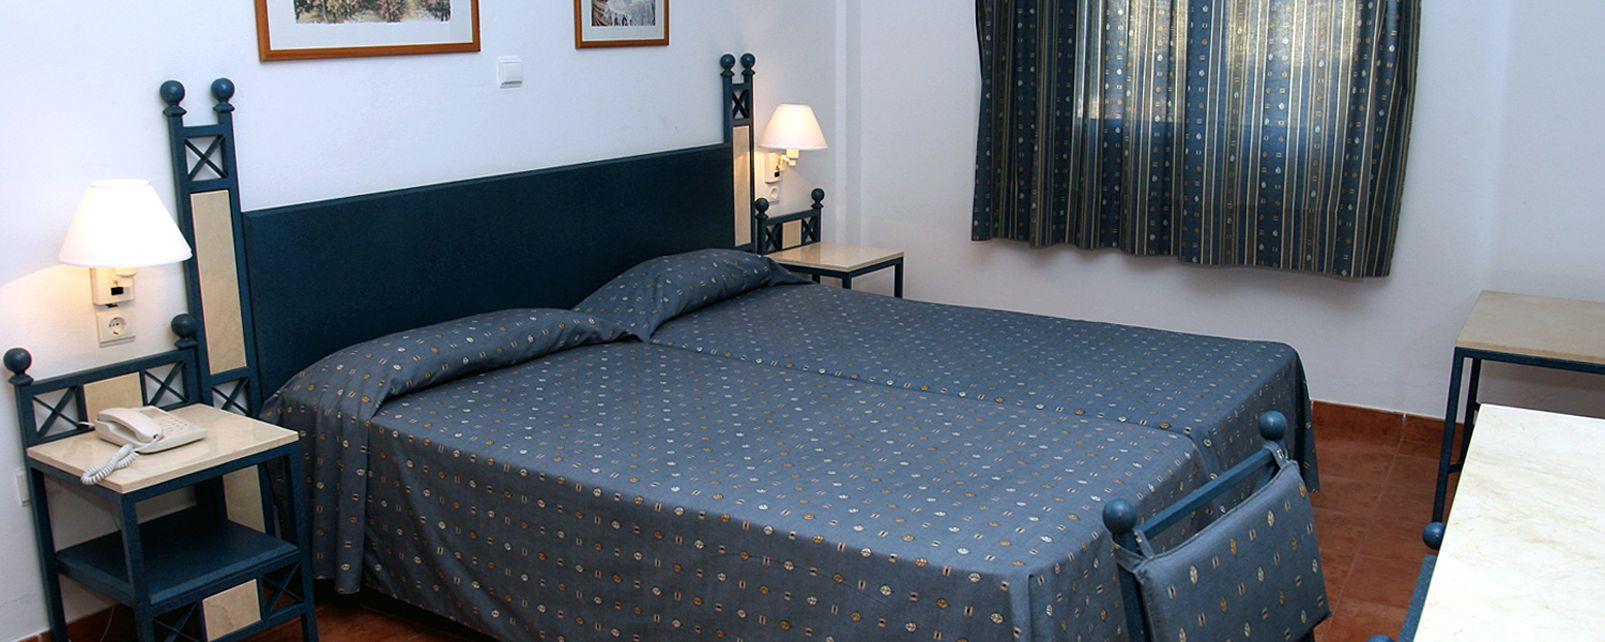 Hotel ApartMorasol Atlantico